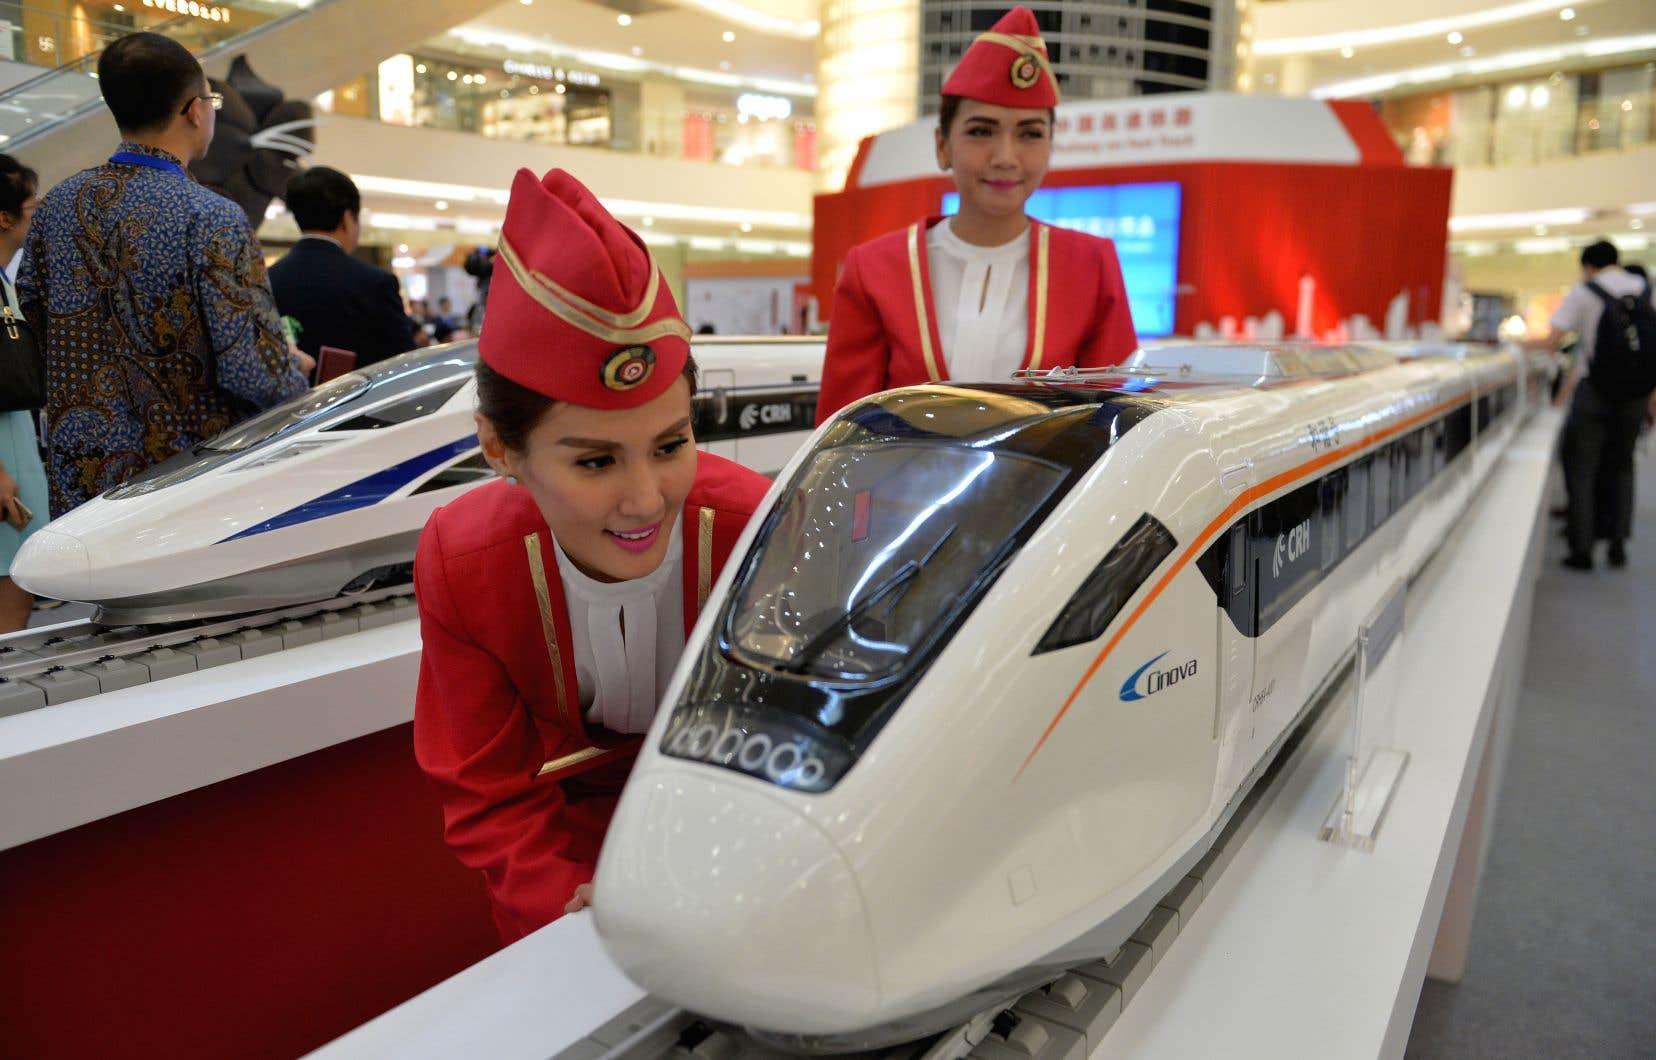 Pékin a décroché le contrat pour construire la première ligne de chemin de fer à grande vitesse d'Indonésie, dont les plans étaient présentés dans un centre commercial de Jakarta, en août 2015.